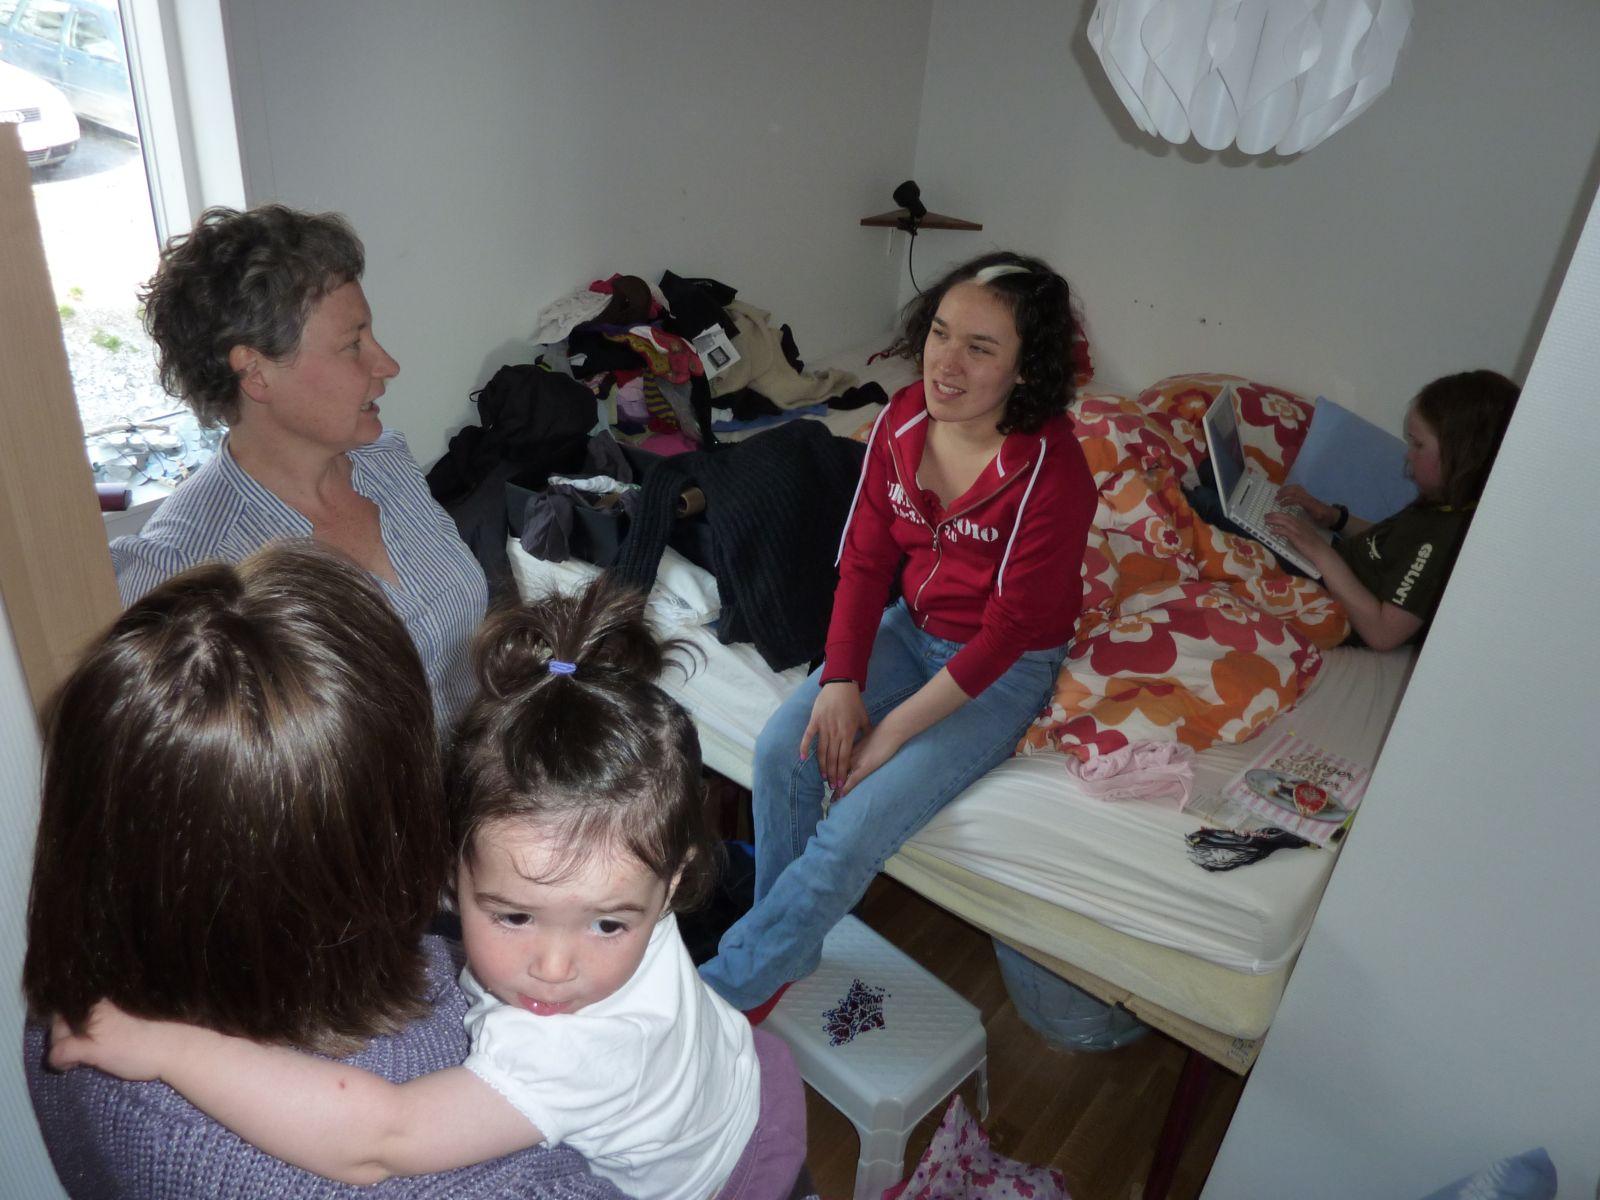 2010-06-19-1810_-_Ivalo Lynge Labansen; Mette Labansen; Qupanuk Eugenius Labansen